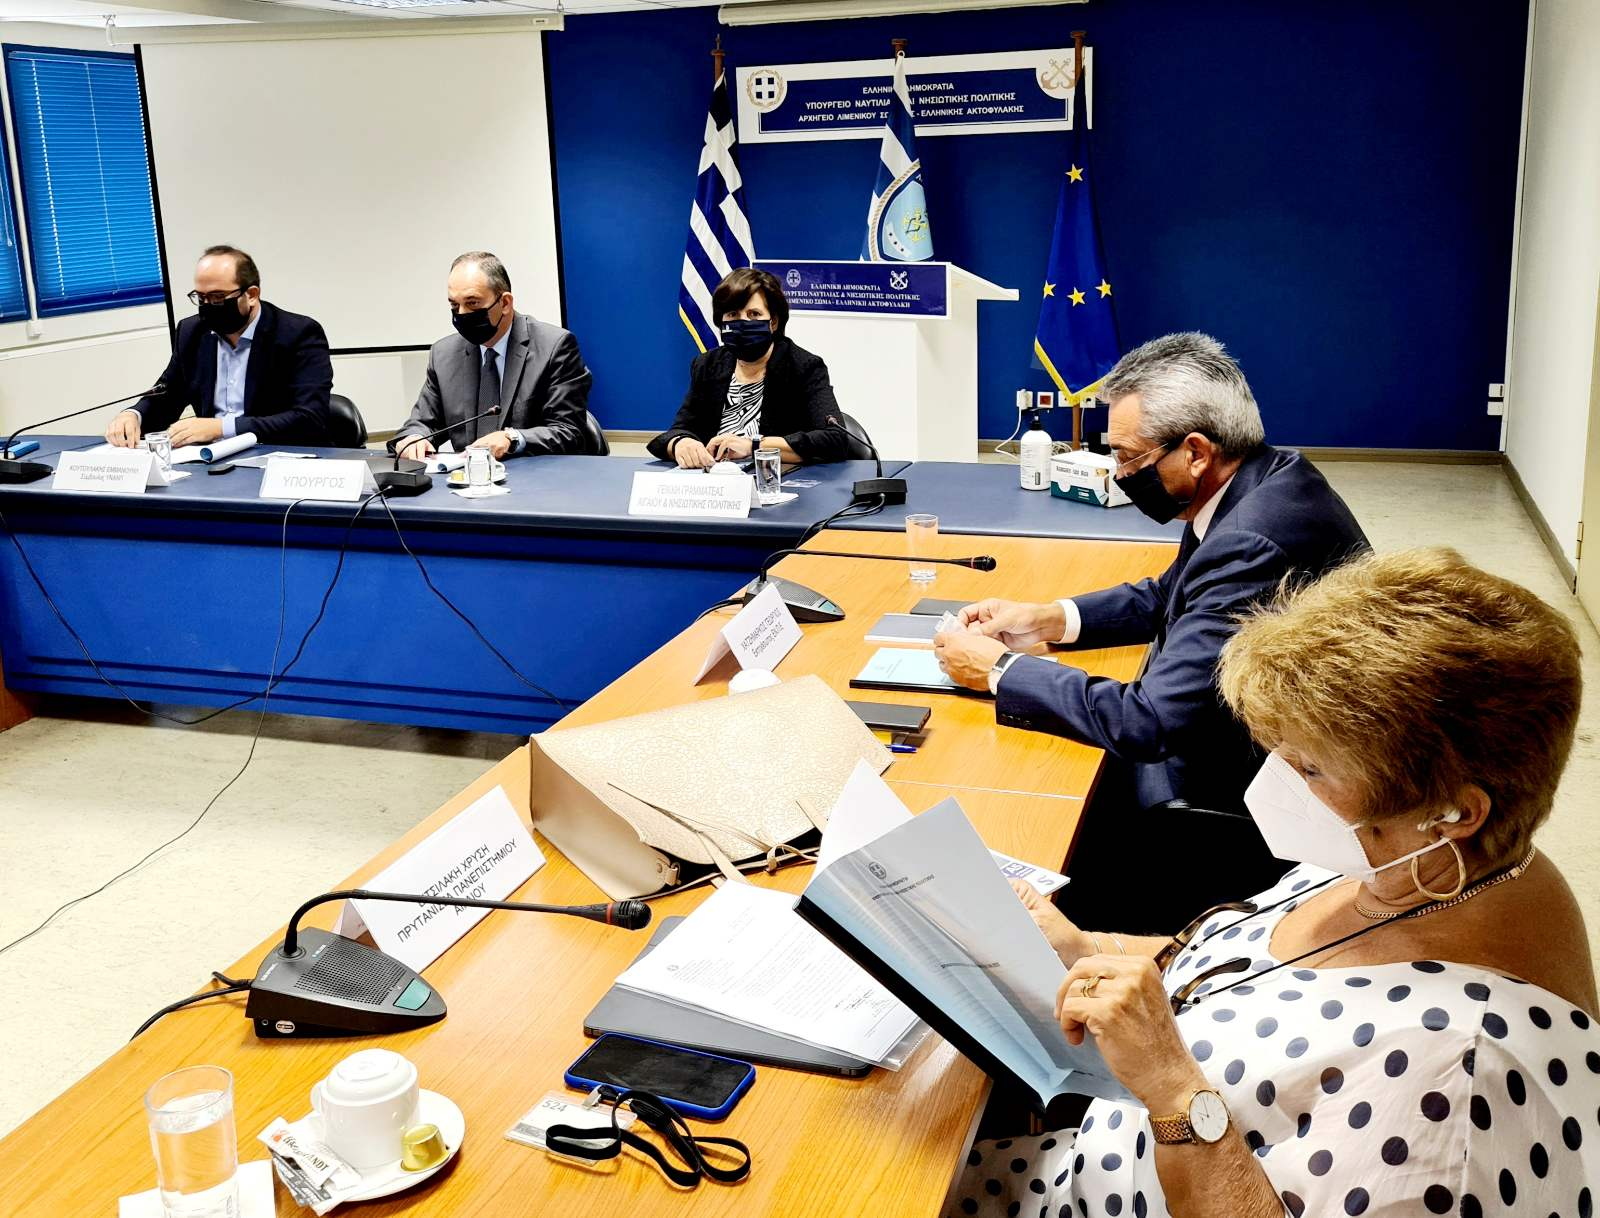 Ο Περιφερειάρχης Ν. Αιγαίου στη συνεδρίαση του συμβουλίου νησιωτικής πολιτικής